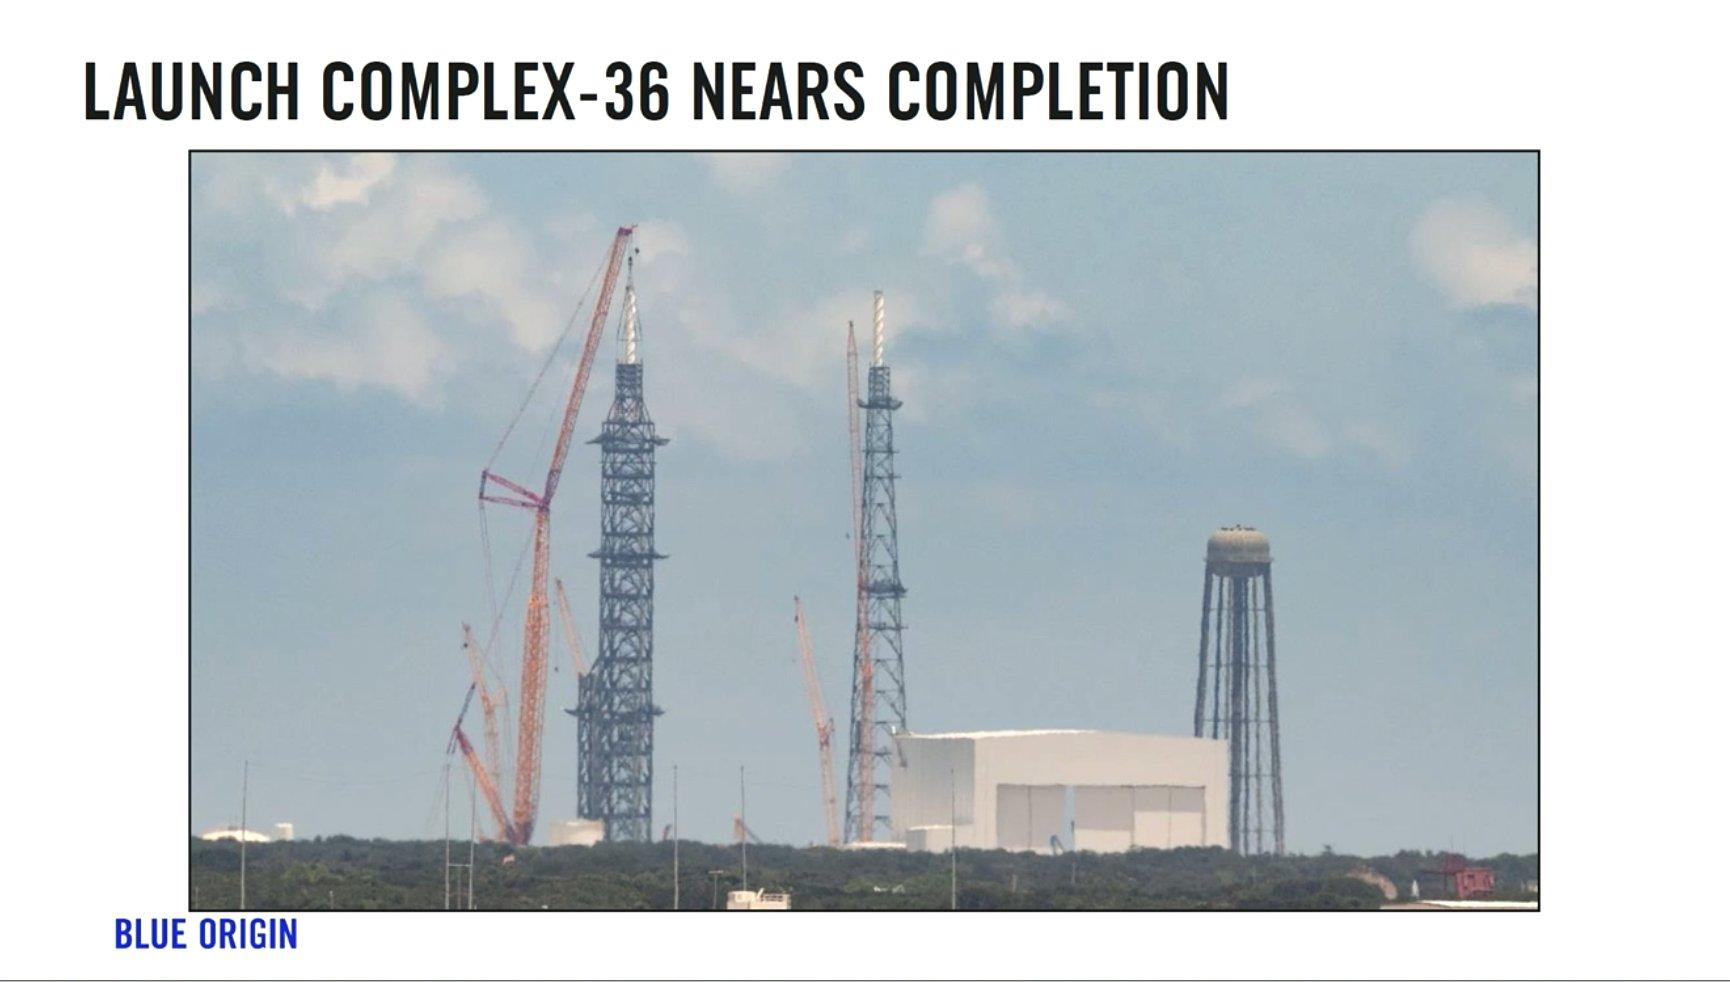 [Blue Origin] LC-36, le complexe de lancement New Glenn - Page 2 11796